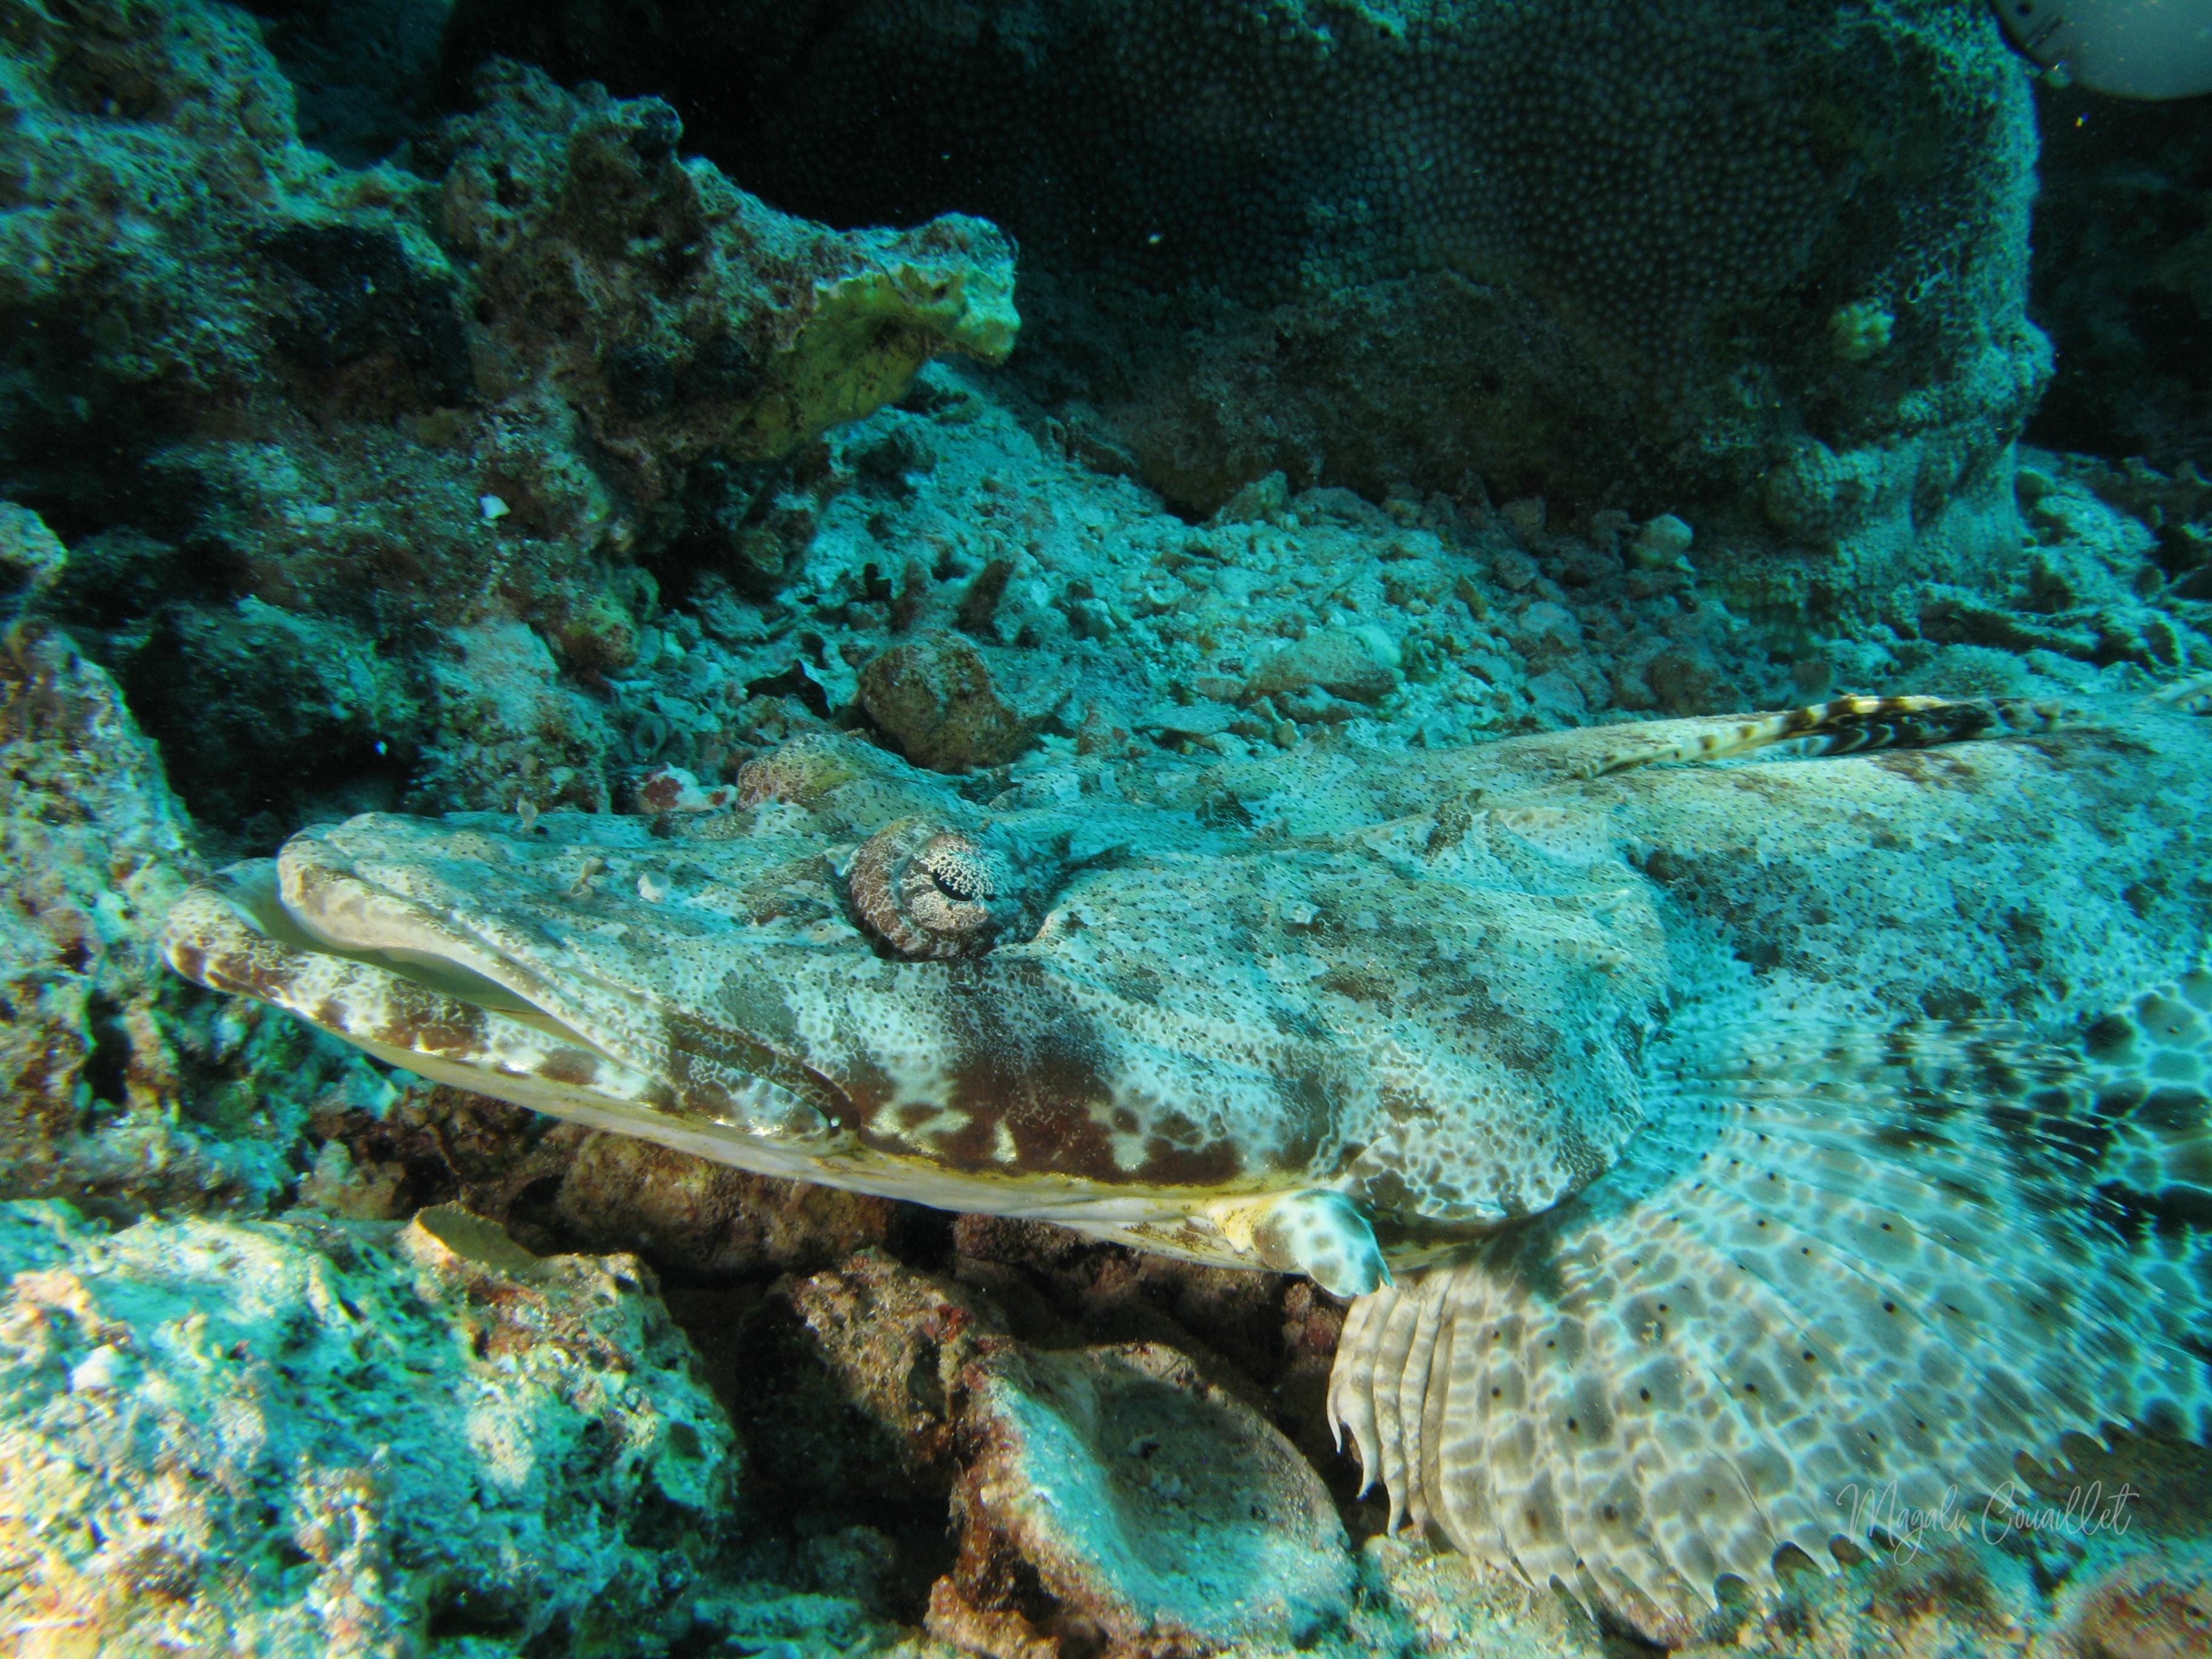 Poisson-crocodile - Crocodilefish